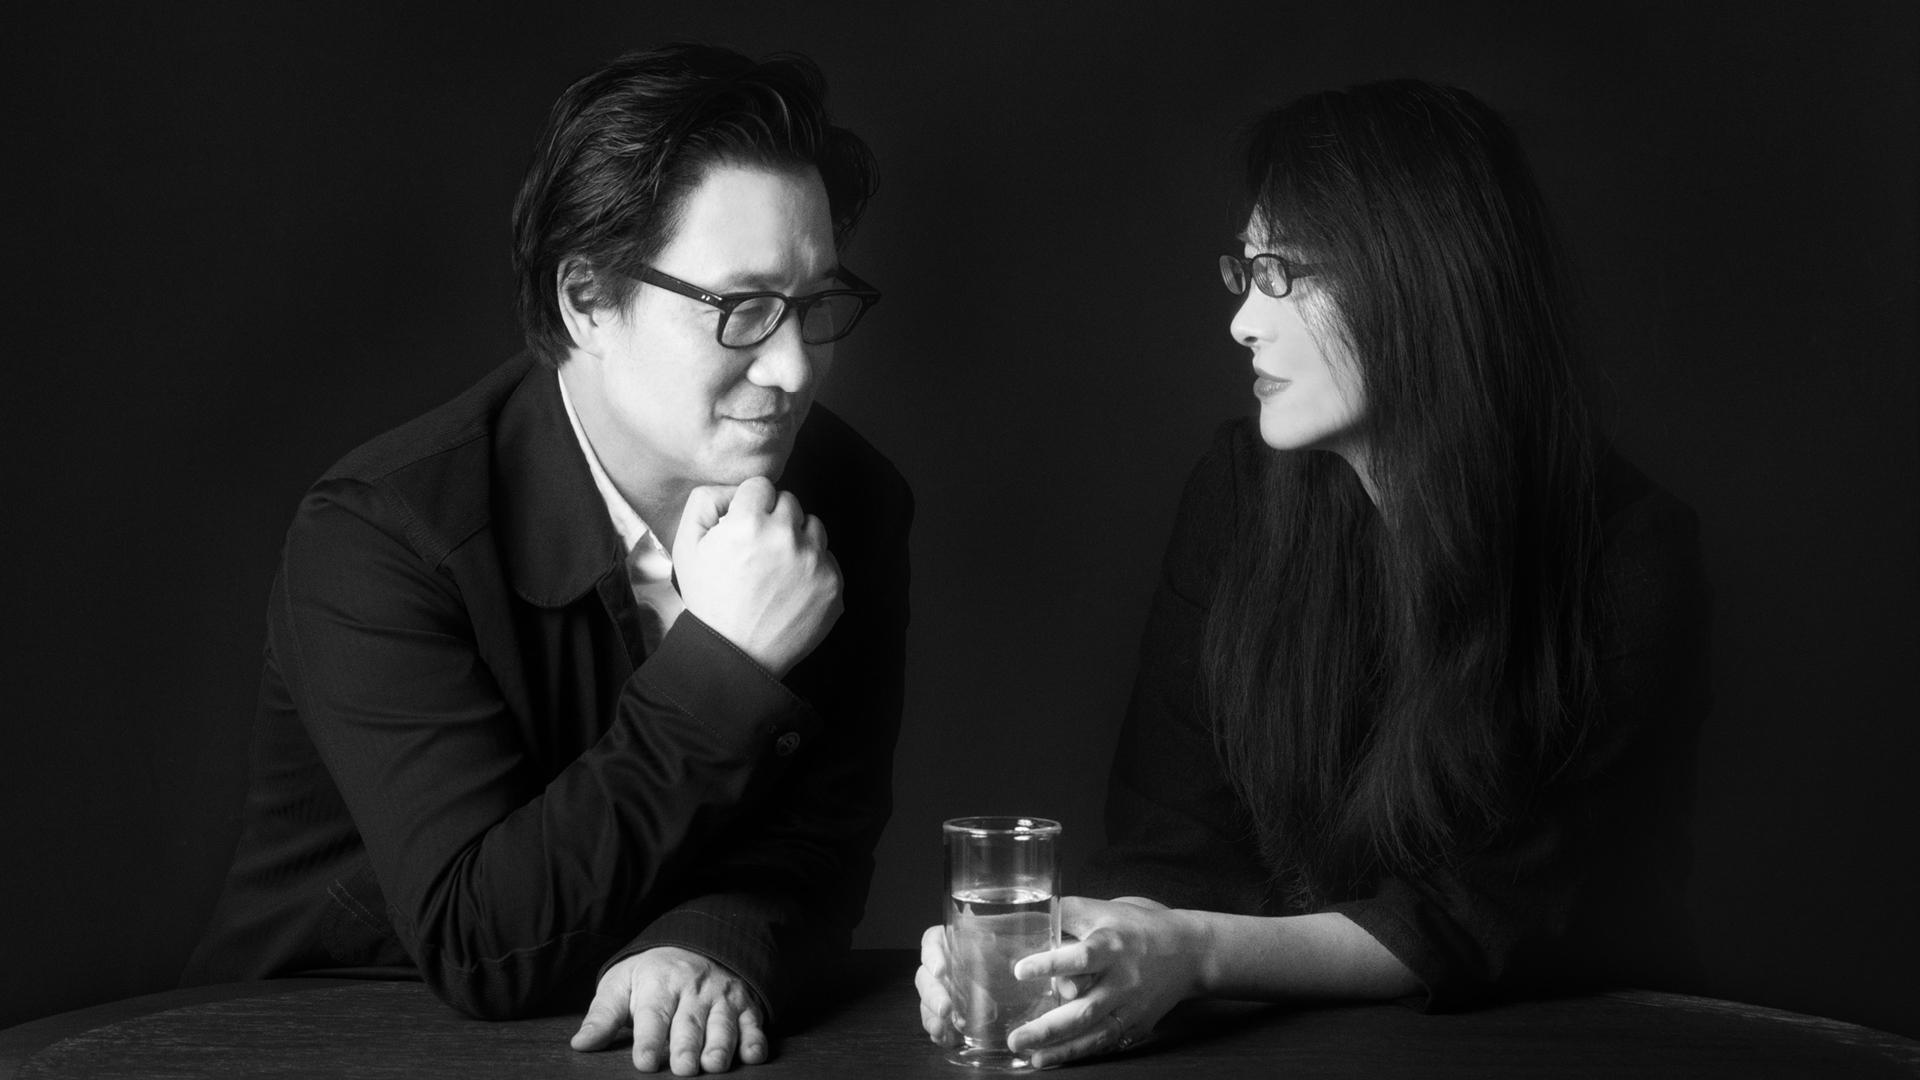 Lyndon Neri & Rossana Hu | Neri & Hu | STIRworld